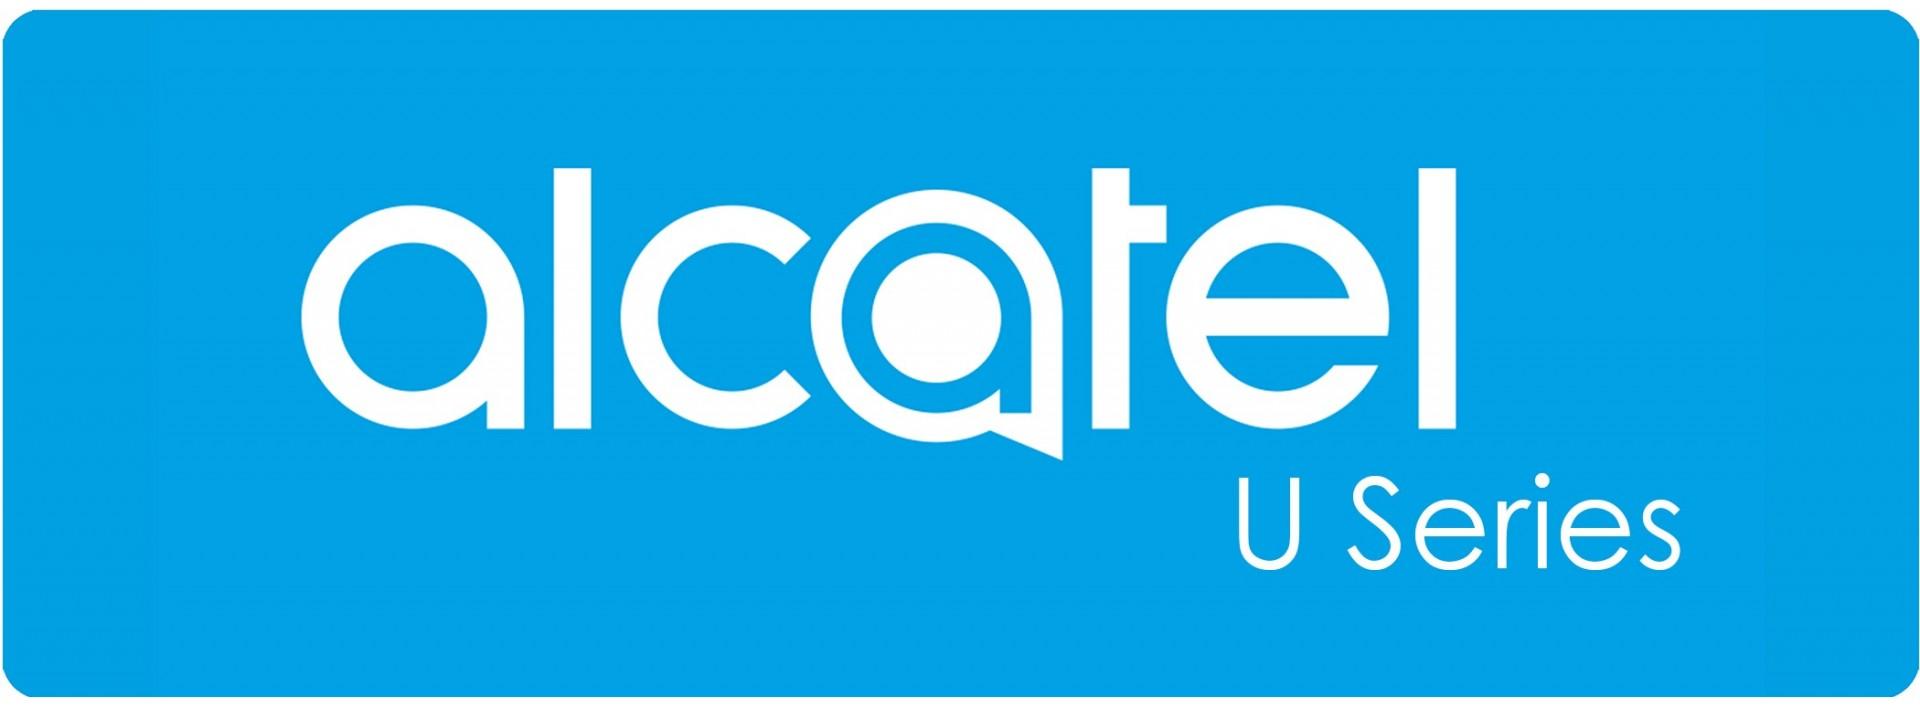 Fundas PERSONALIZADAS para Alcatel U Series, el mejor precio y calidad